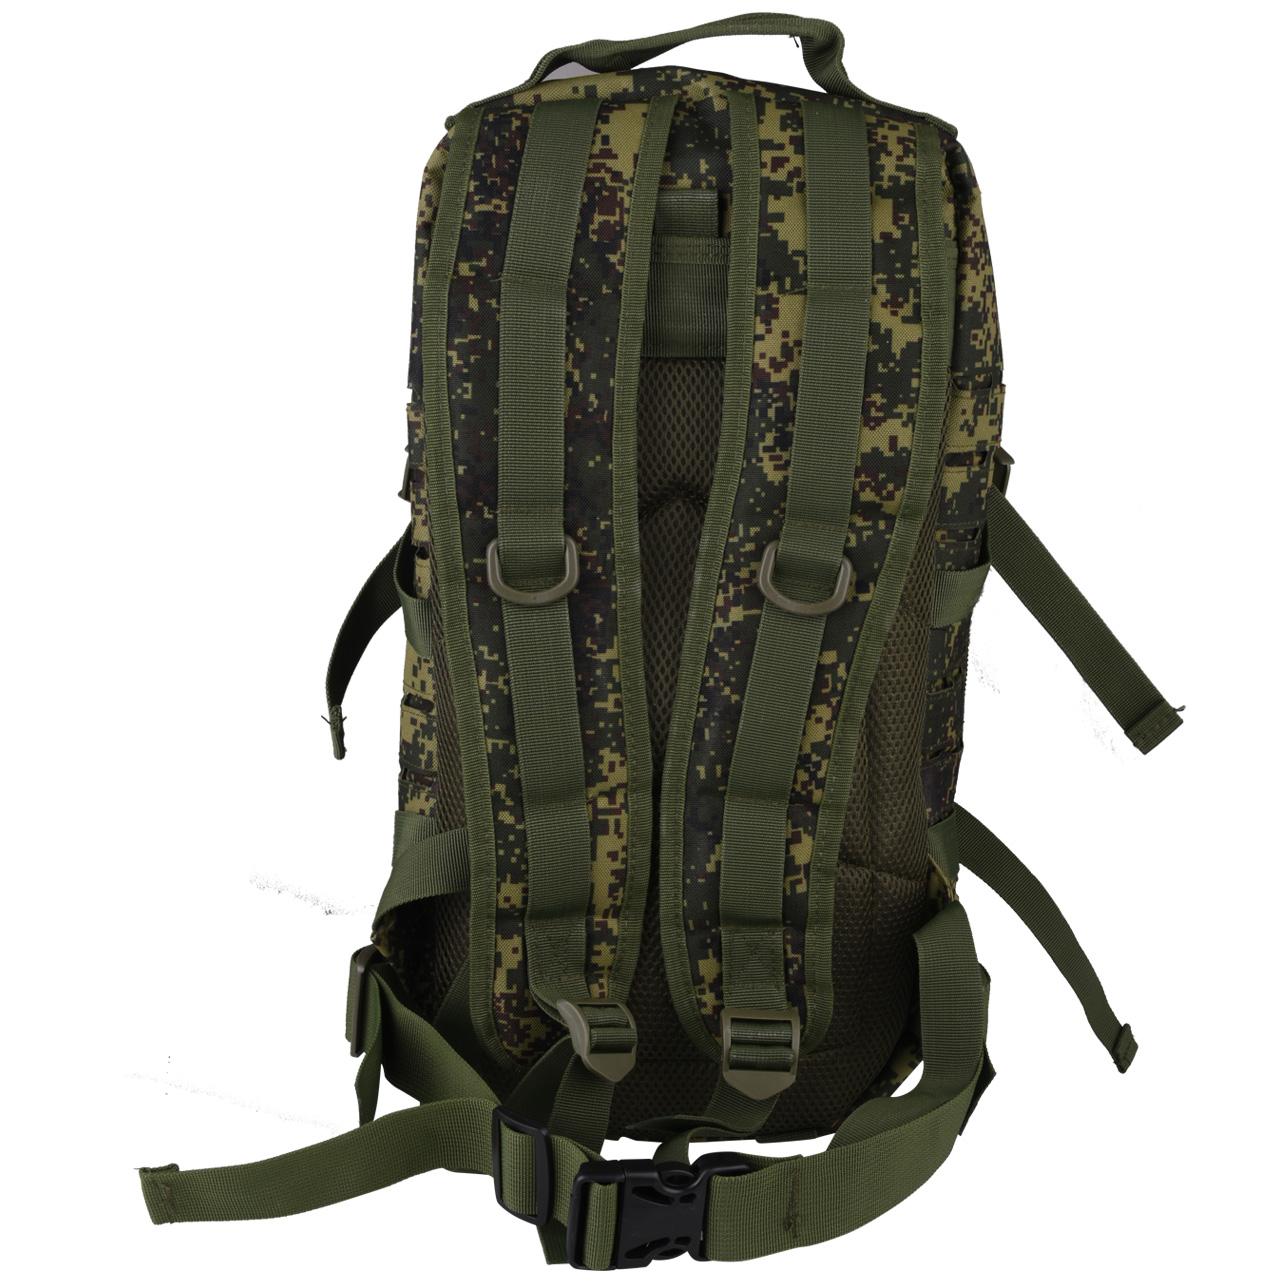 Купить практичный тактический рюкзак с нашивкой Росгвардия оптом или в розницу